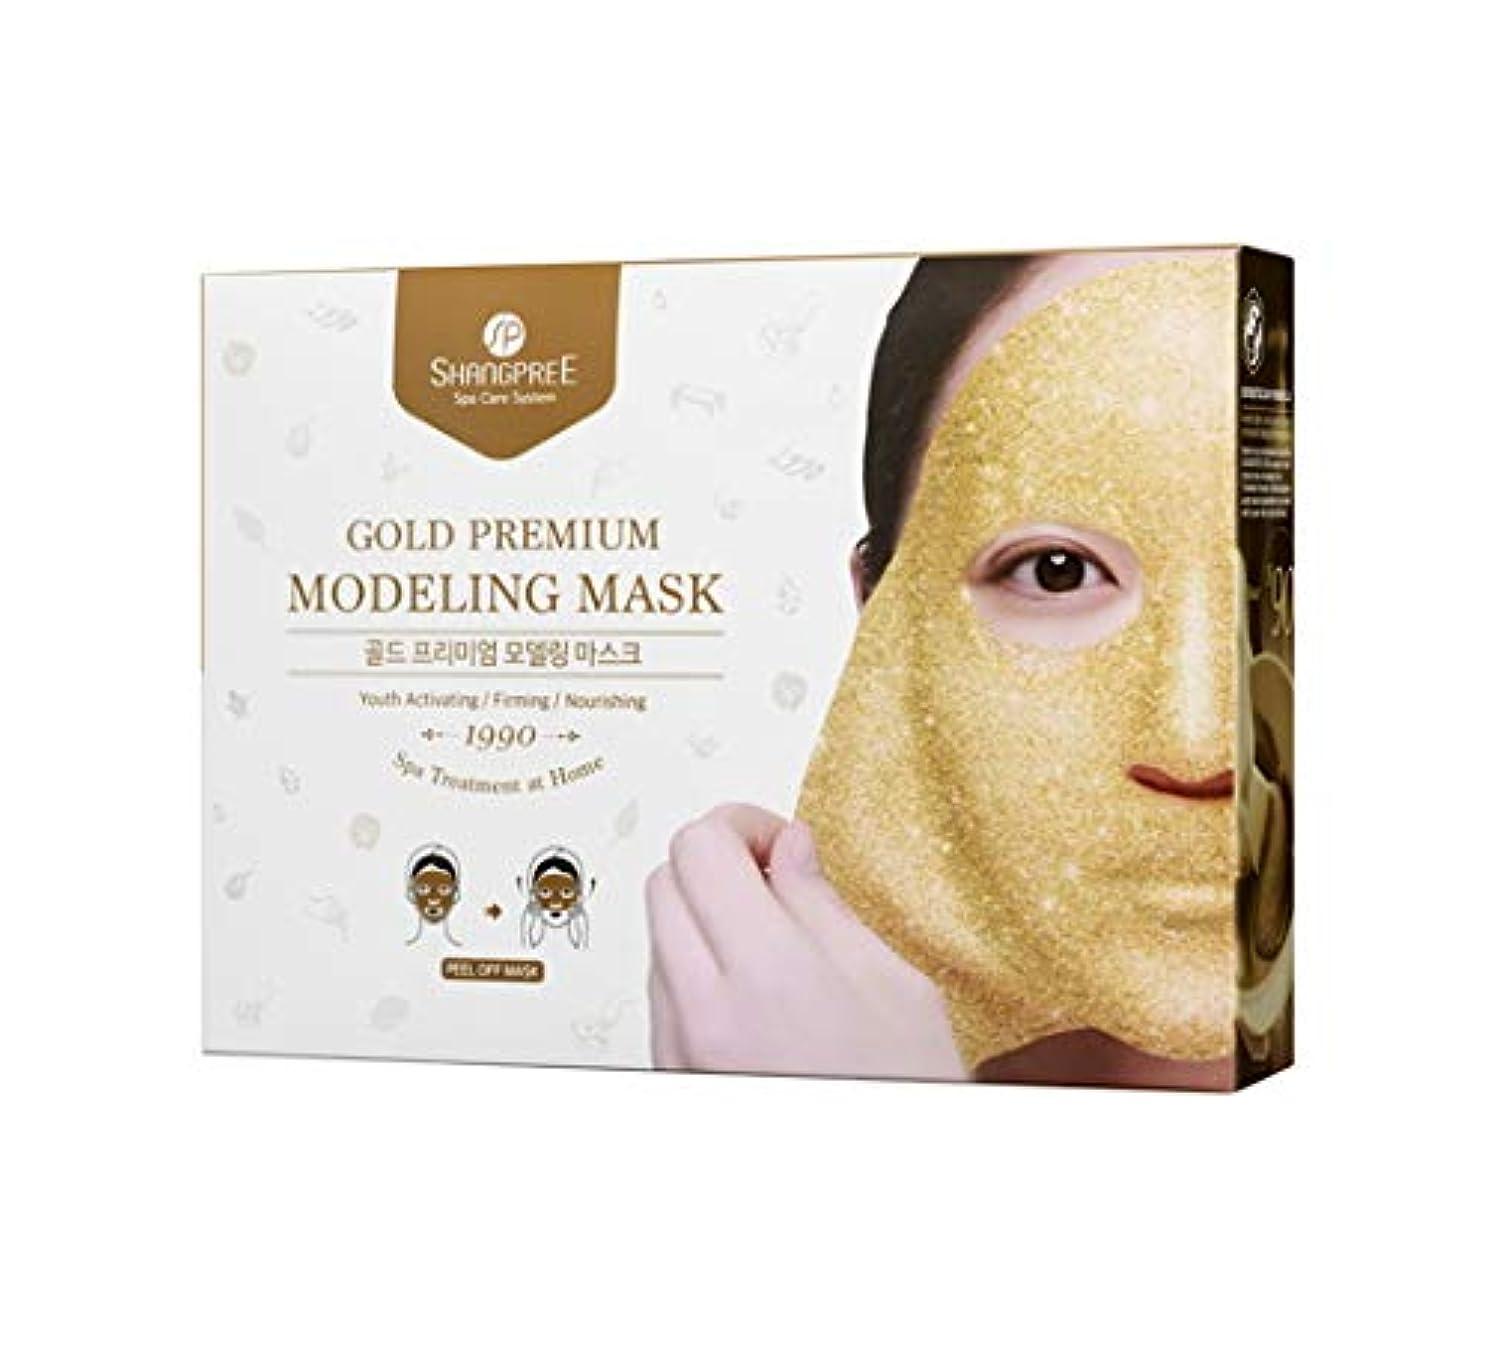 天井縁石スロットShangpree プレミアムゴールドモデリングマスク 5枚 gold premium modeling mask 5ea (並行輸入品)